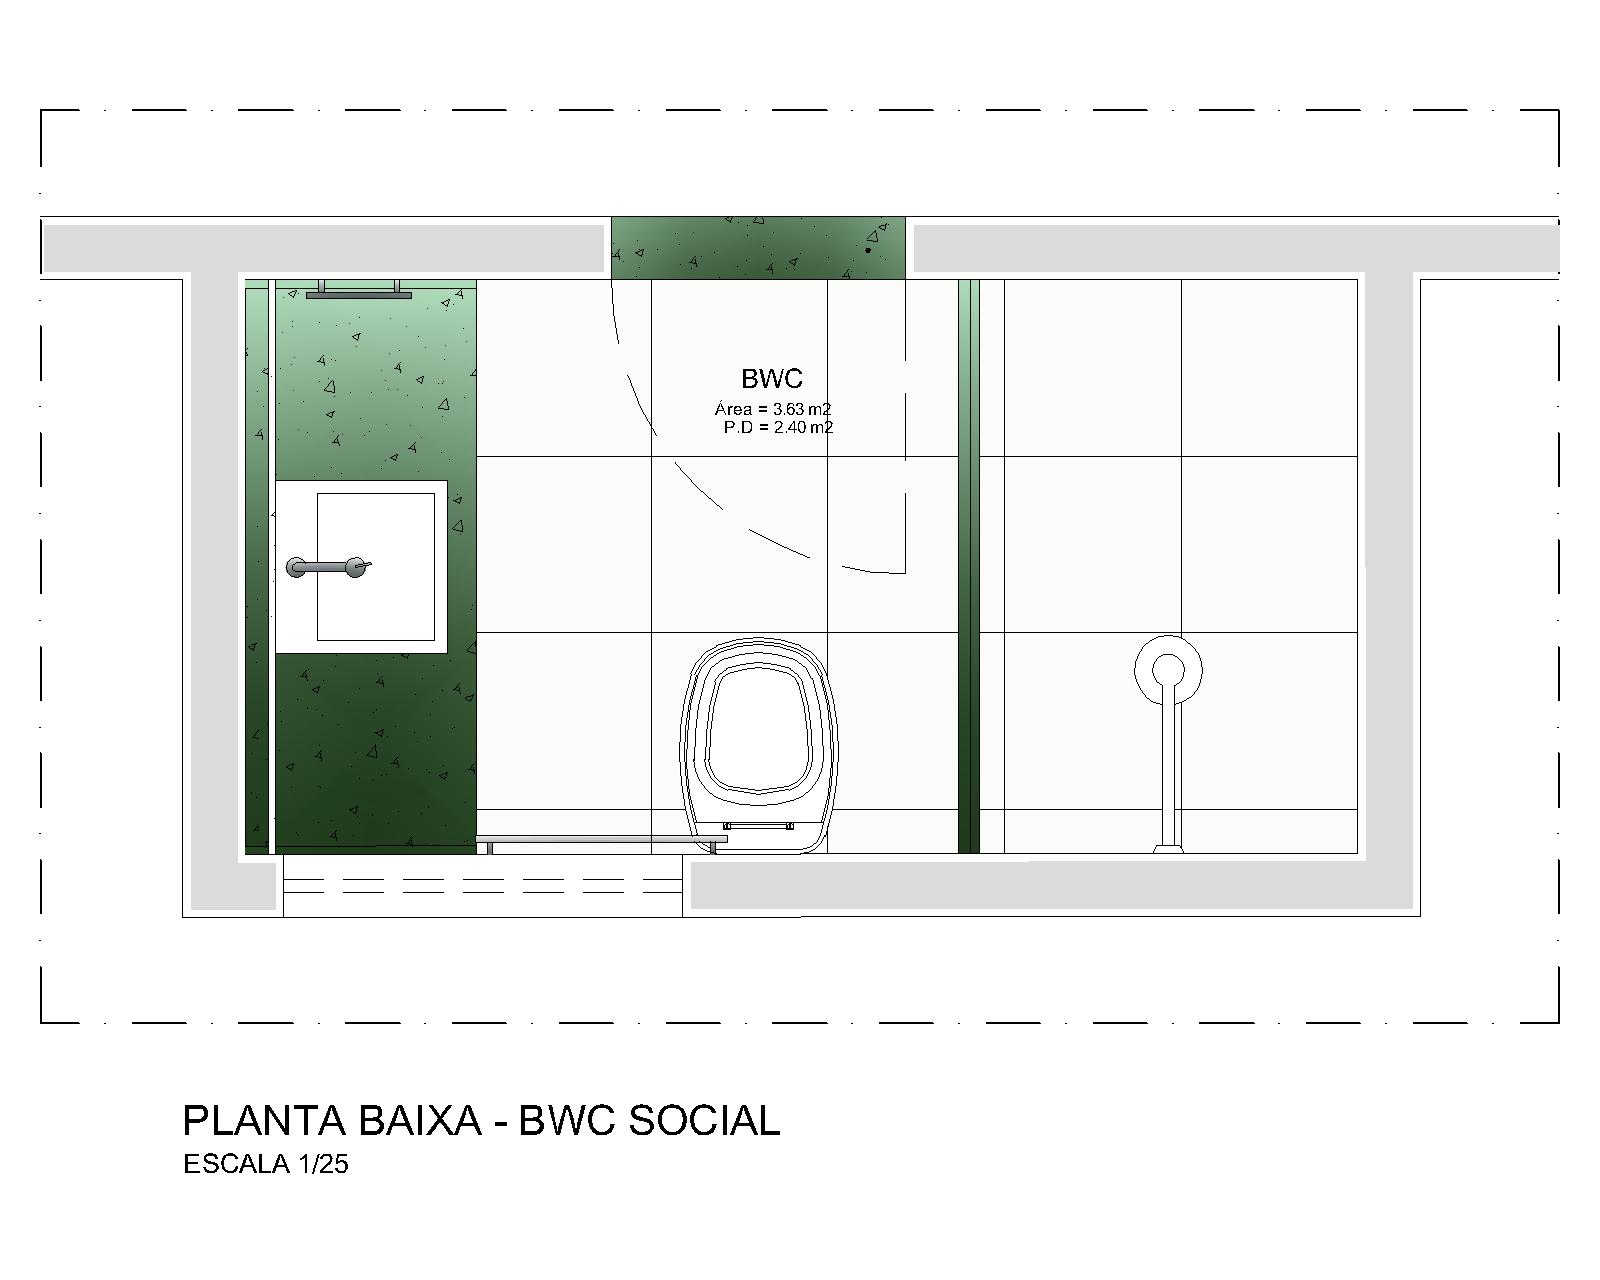 Projeto Banheiro Com Banheira Planta Baixa  cgafghanscom banheiros pequenos -> Projeto Banheiro Com Banheira Planta Baixa